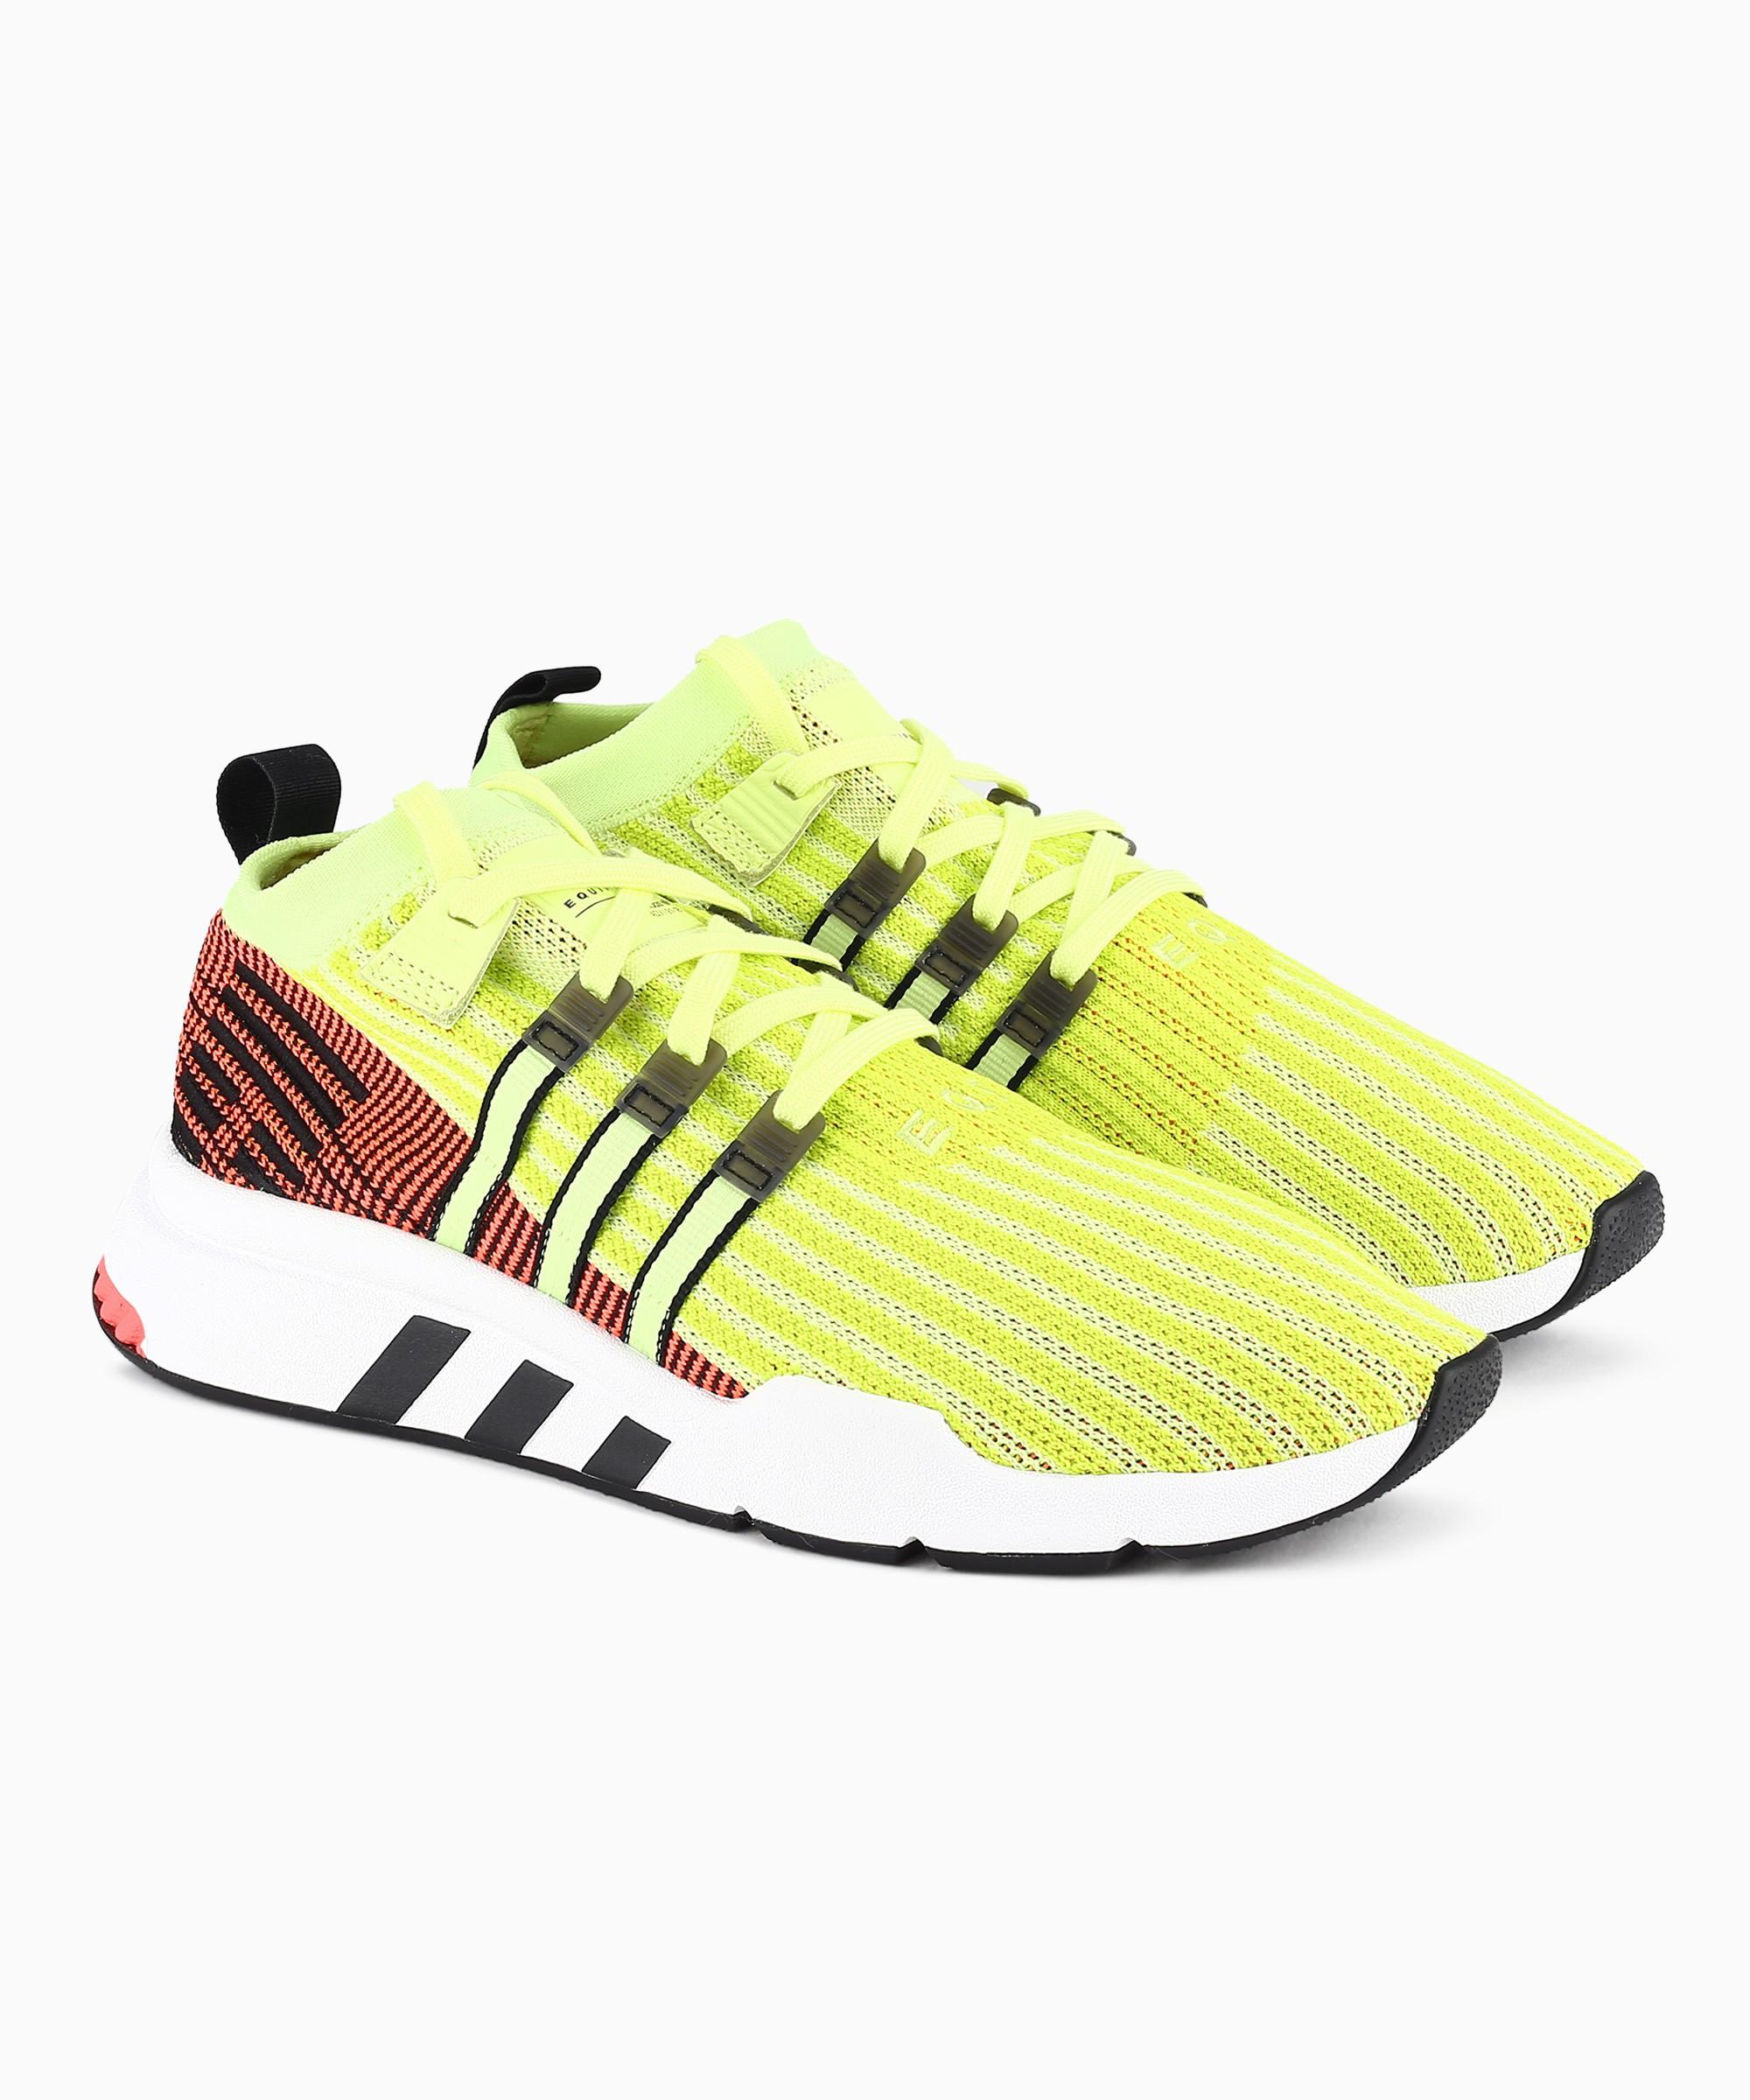 premium selection 7e7d5 2a3b7 ADIDAS ORIGINALS EQT SUPPORT MID ADV PK Sneakers For Men(Green)